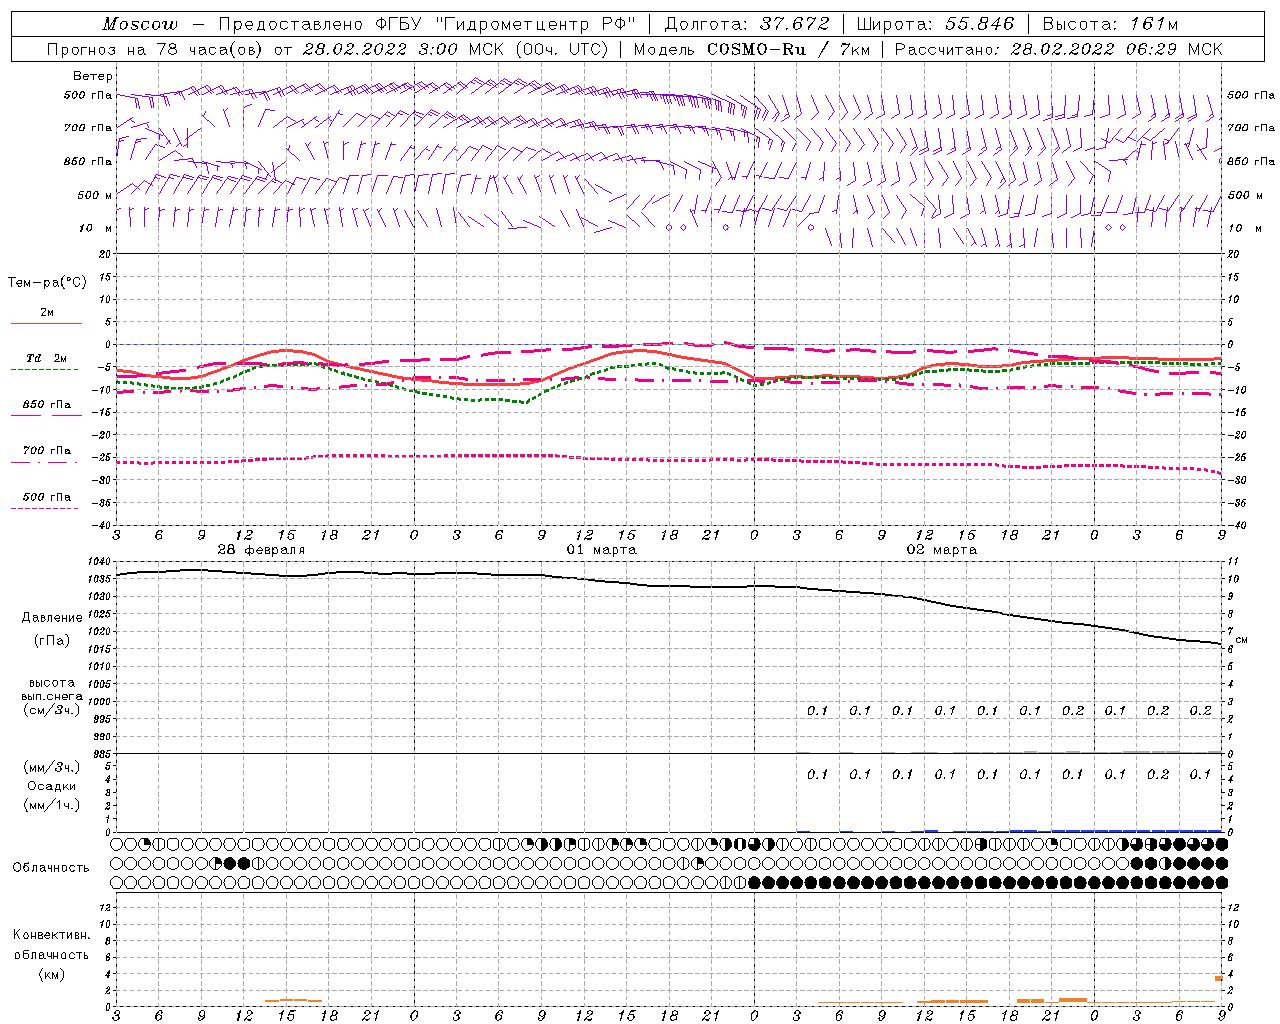 Прогнозы погоды по пунктам (метеограммы) модели COSMO